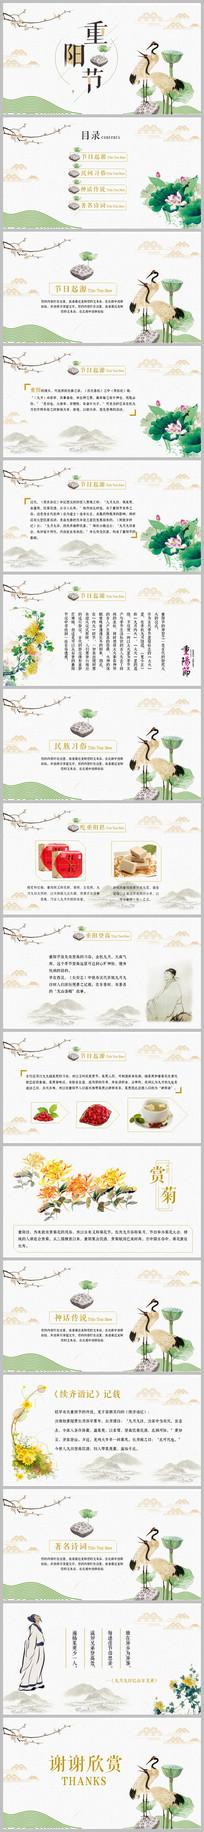 九九重阳节民族风俗节日PPT